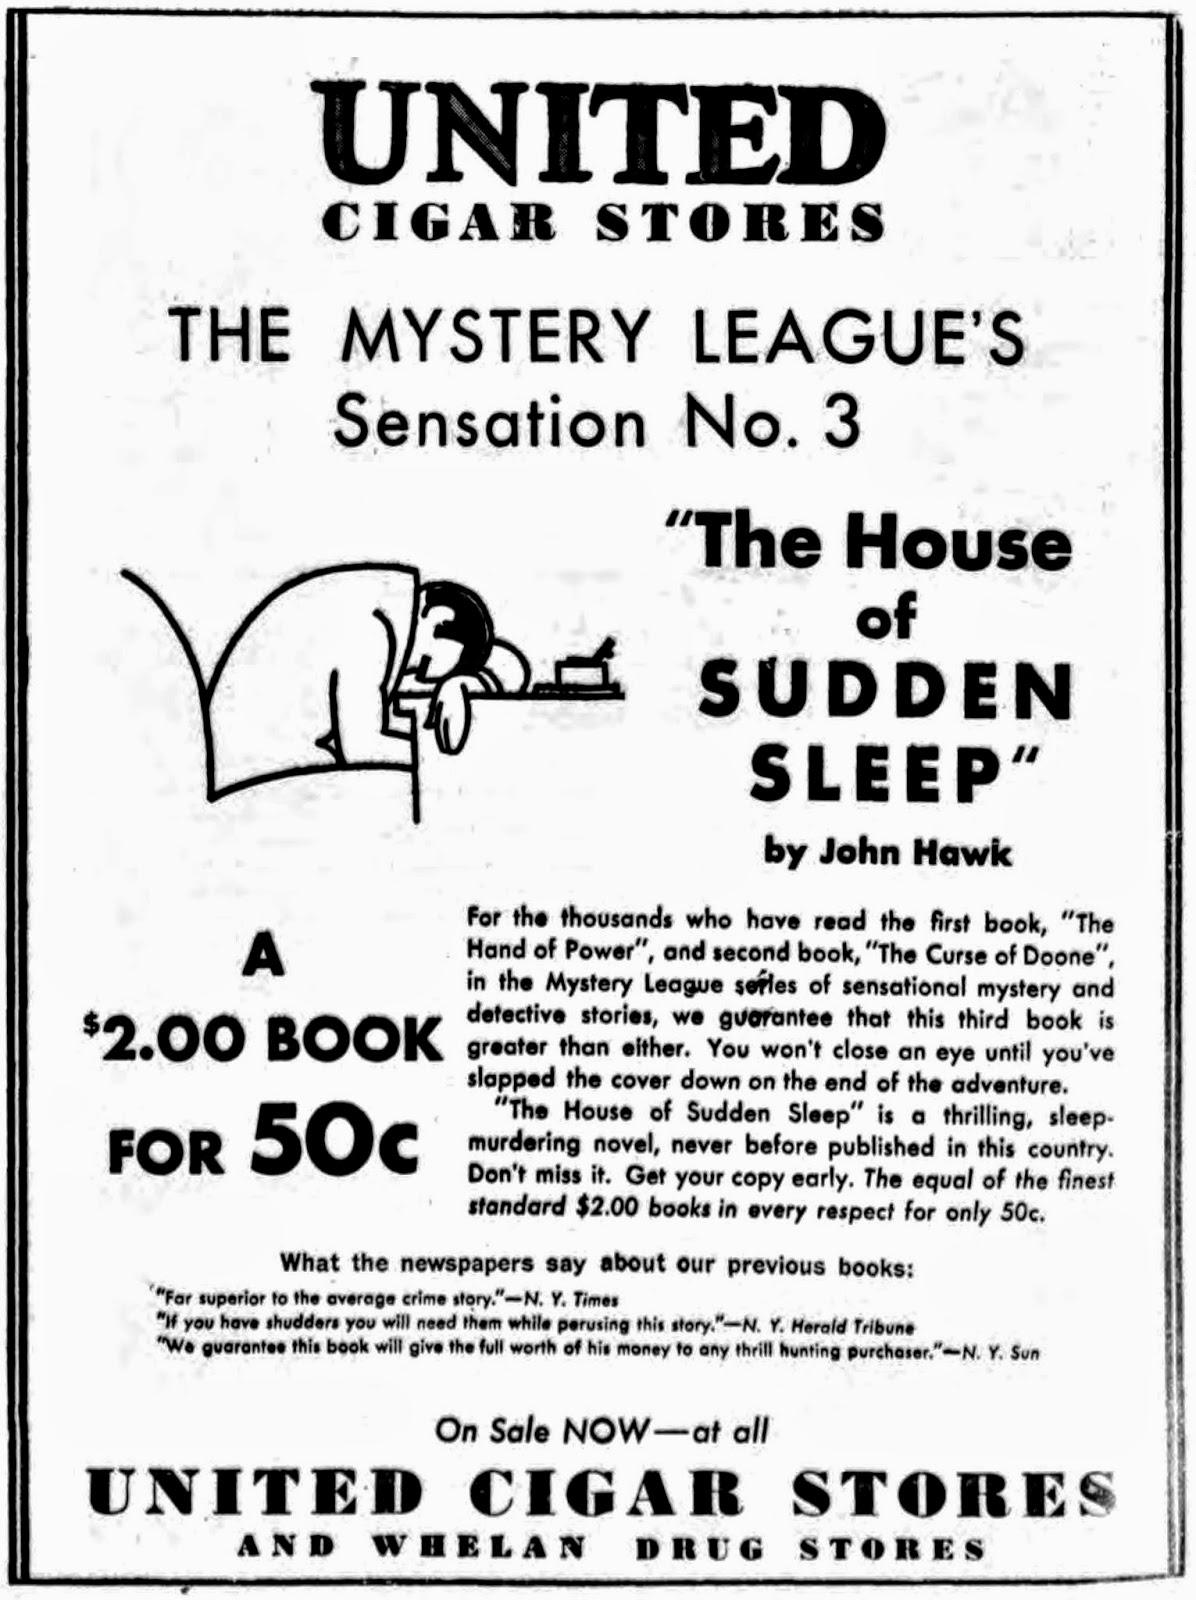 July 24, 1930